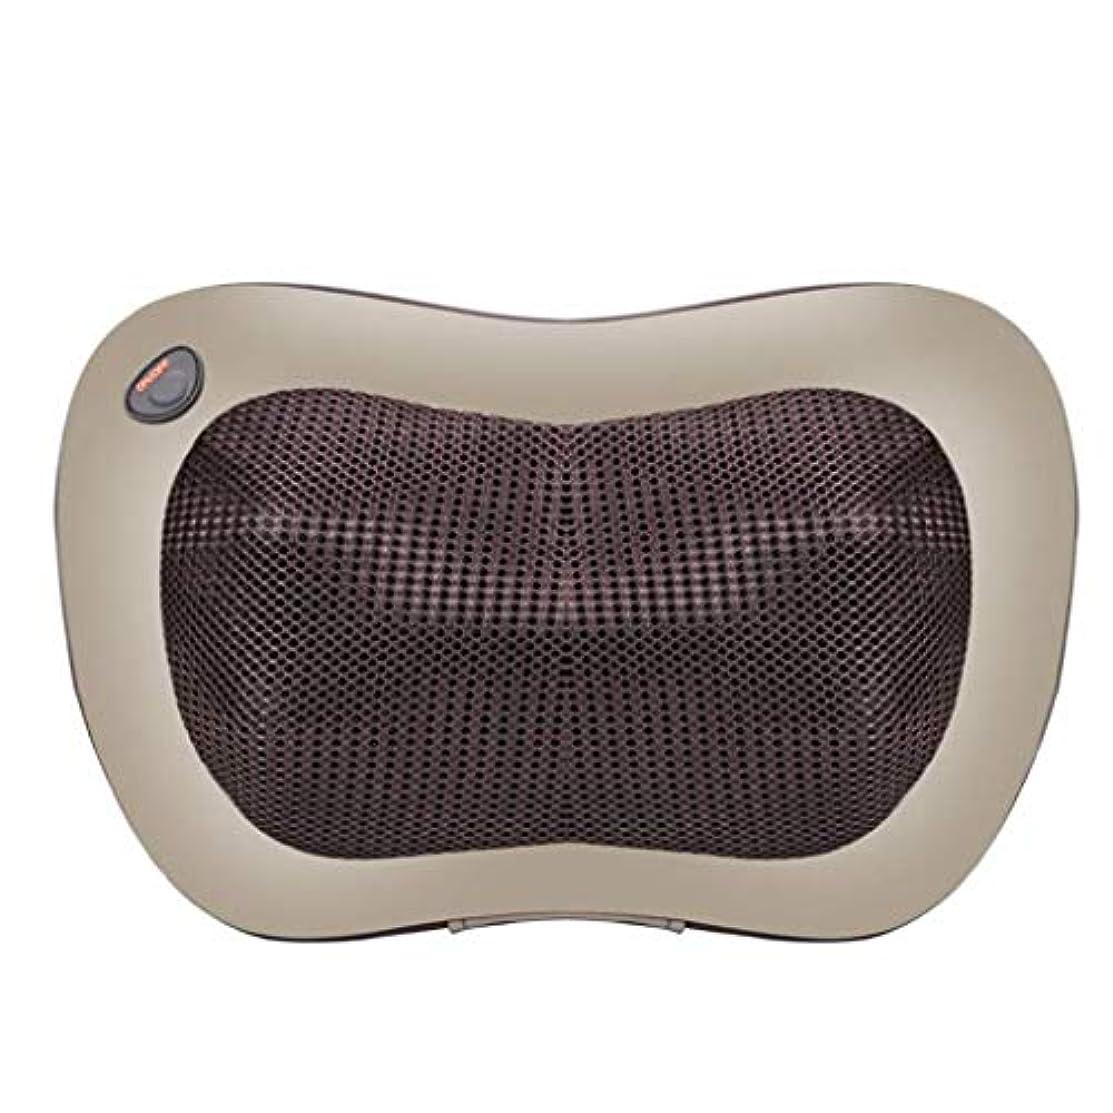 パスタダイバージレンマ電動マッサージ枕、指圧マッサージ首マッサージ-マッサージ枕、ホットショルダー、ウエスト、脚、足を混練-ホームオフィスや車で使用して筋肉痛を和らげます